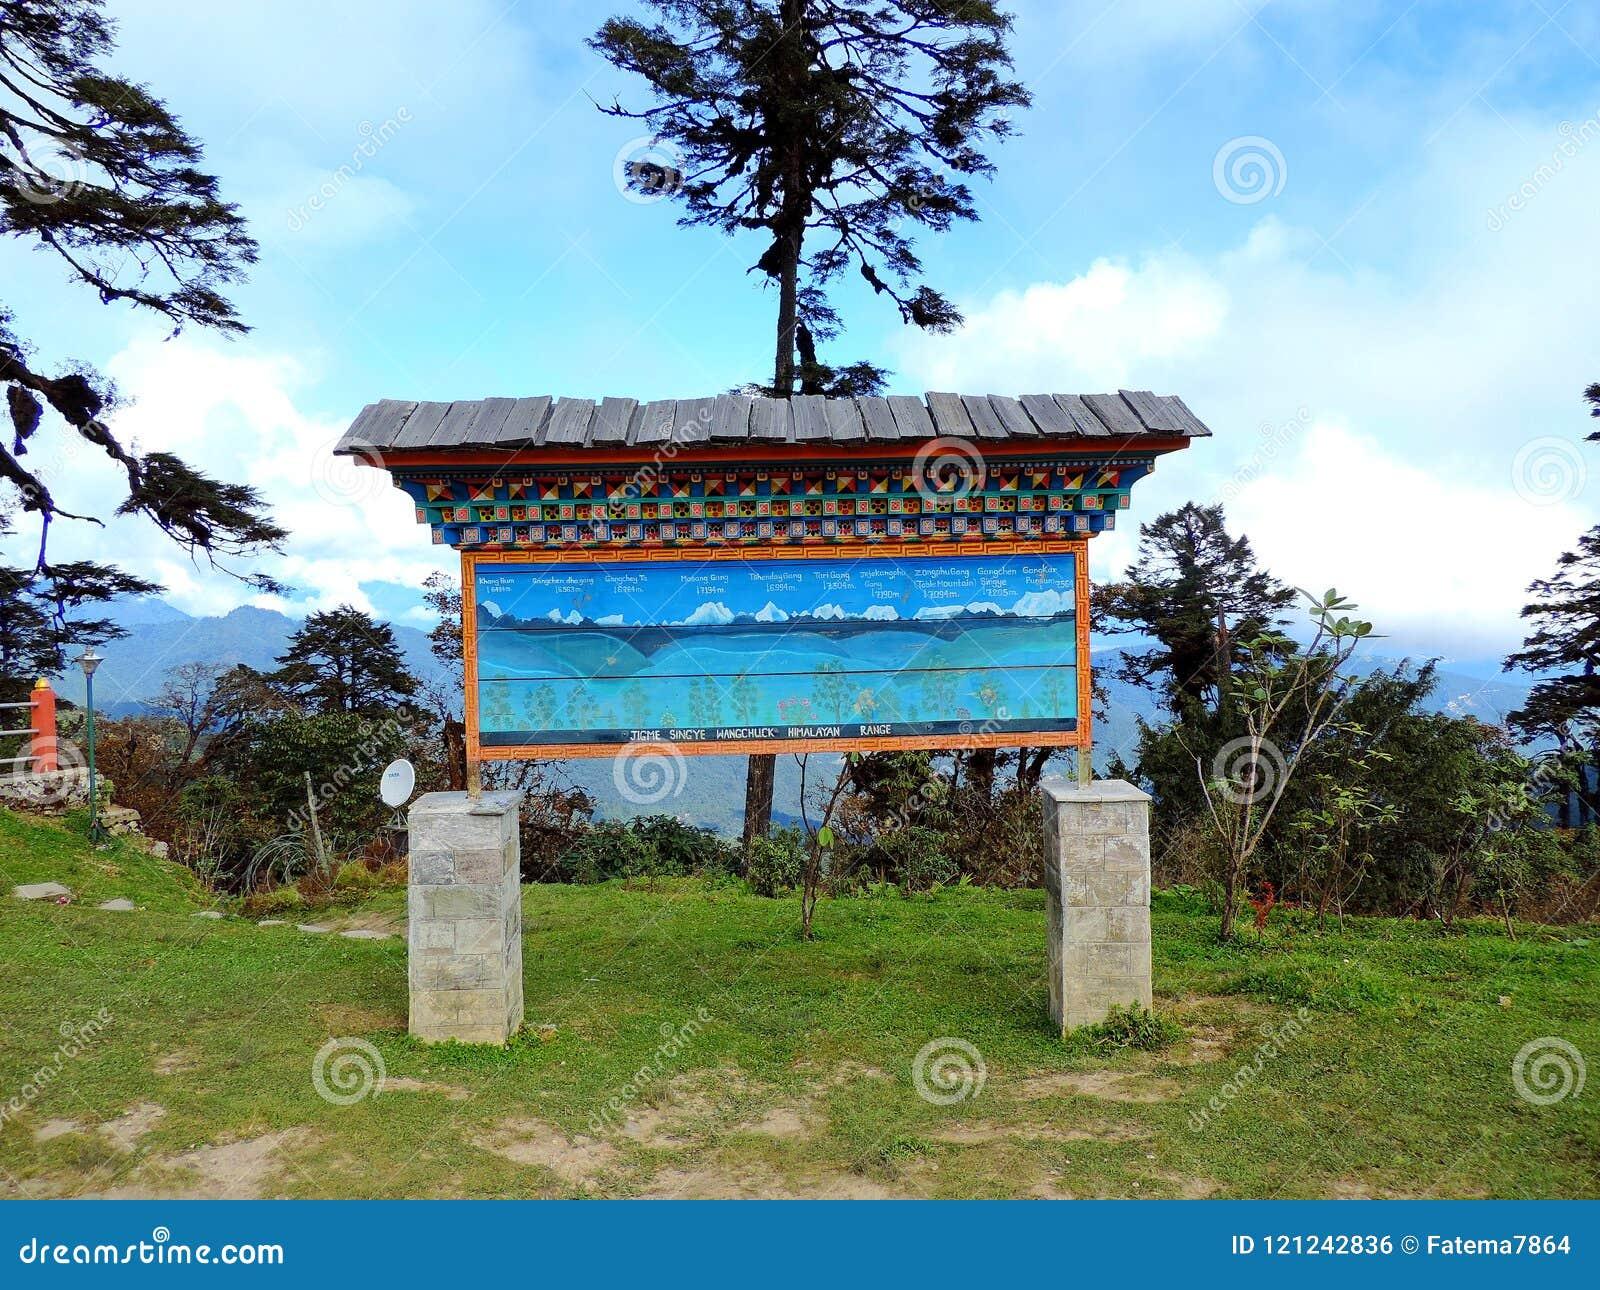 Πίνακας πληροφοριών στο εστιατόριο στο πέρασμα Dochula, Μπουτάν